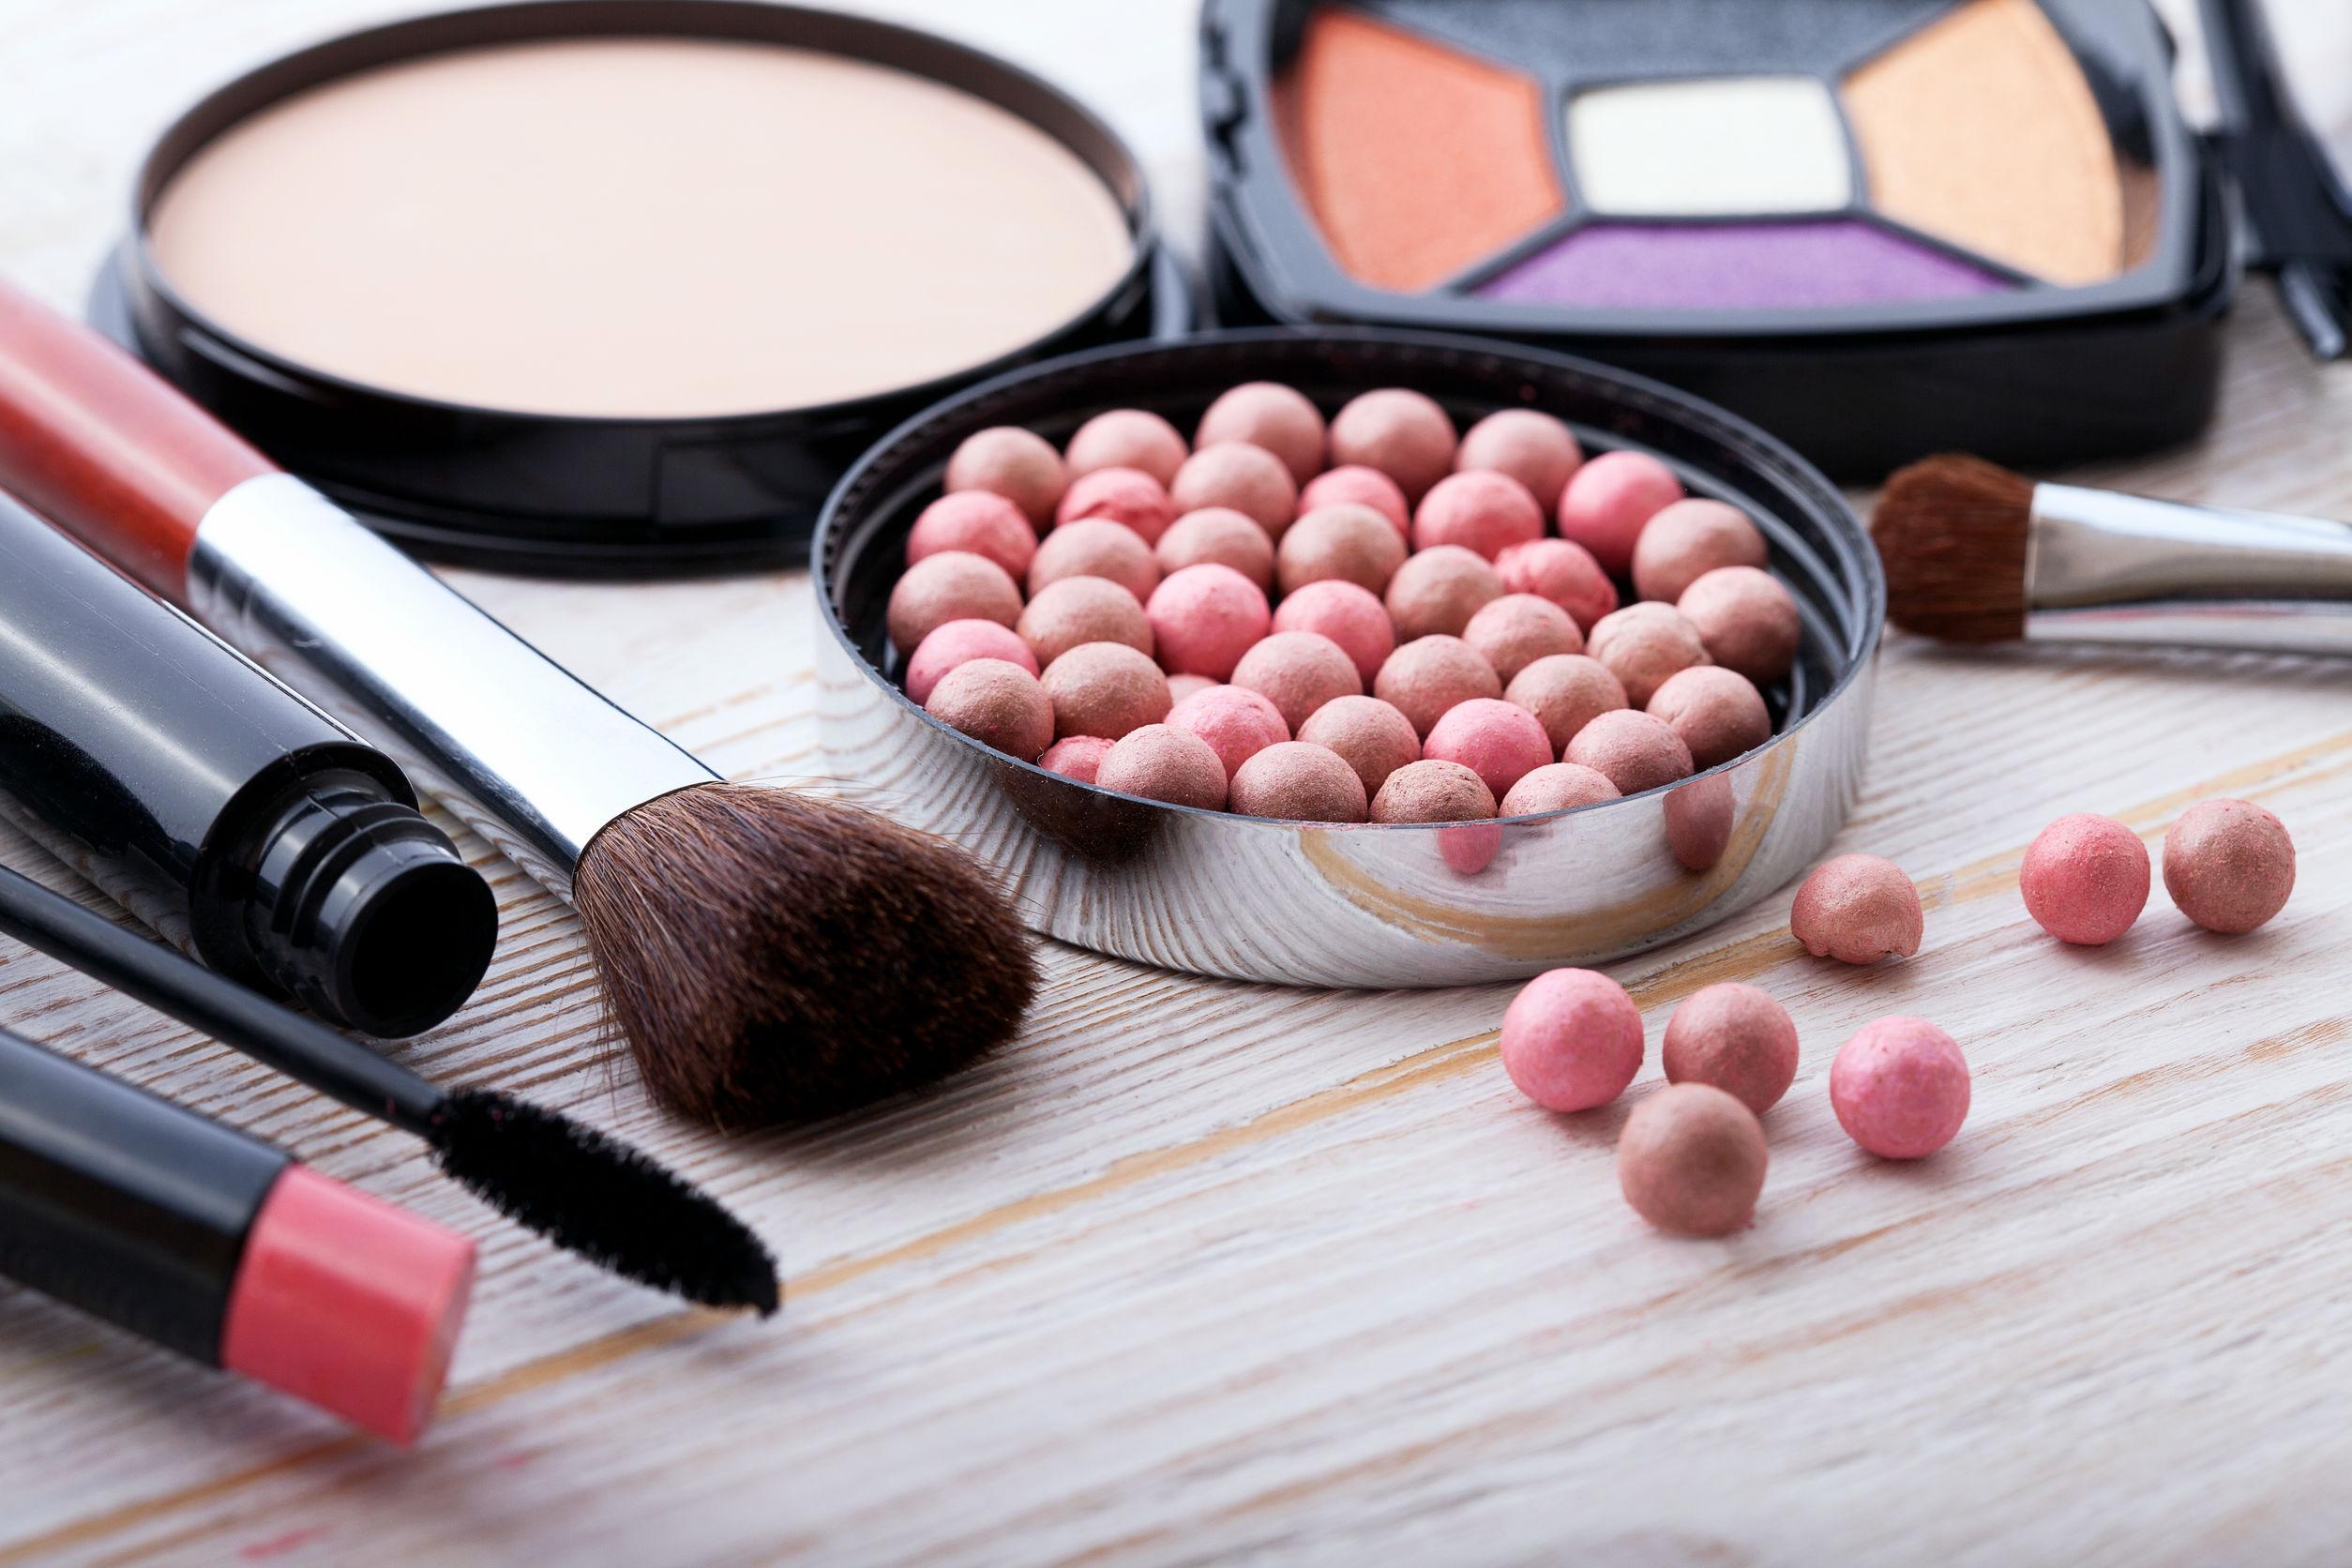 Productos cosméticos de maquillaje sobre fondo de madera blanco